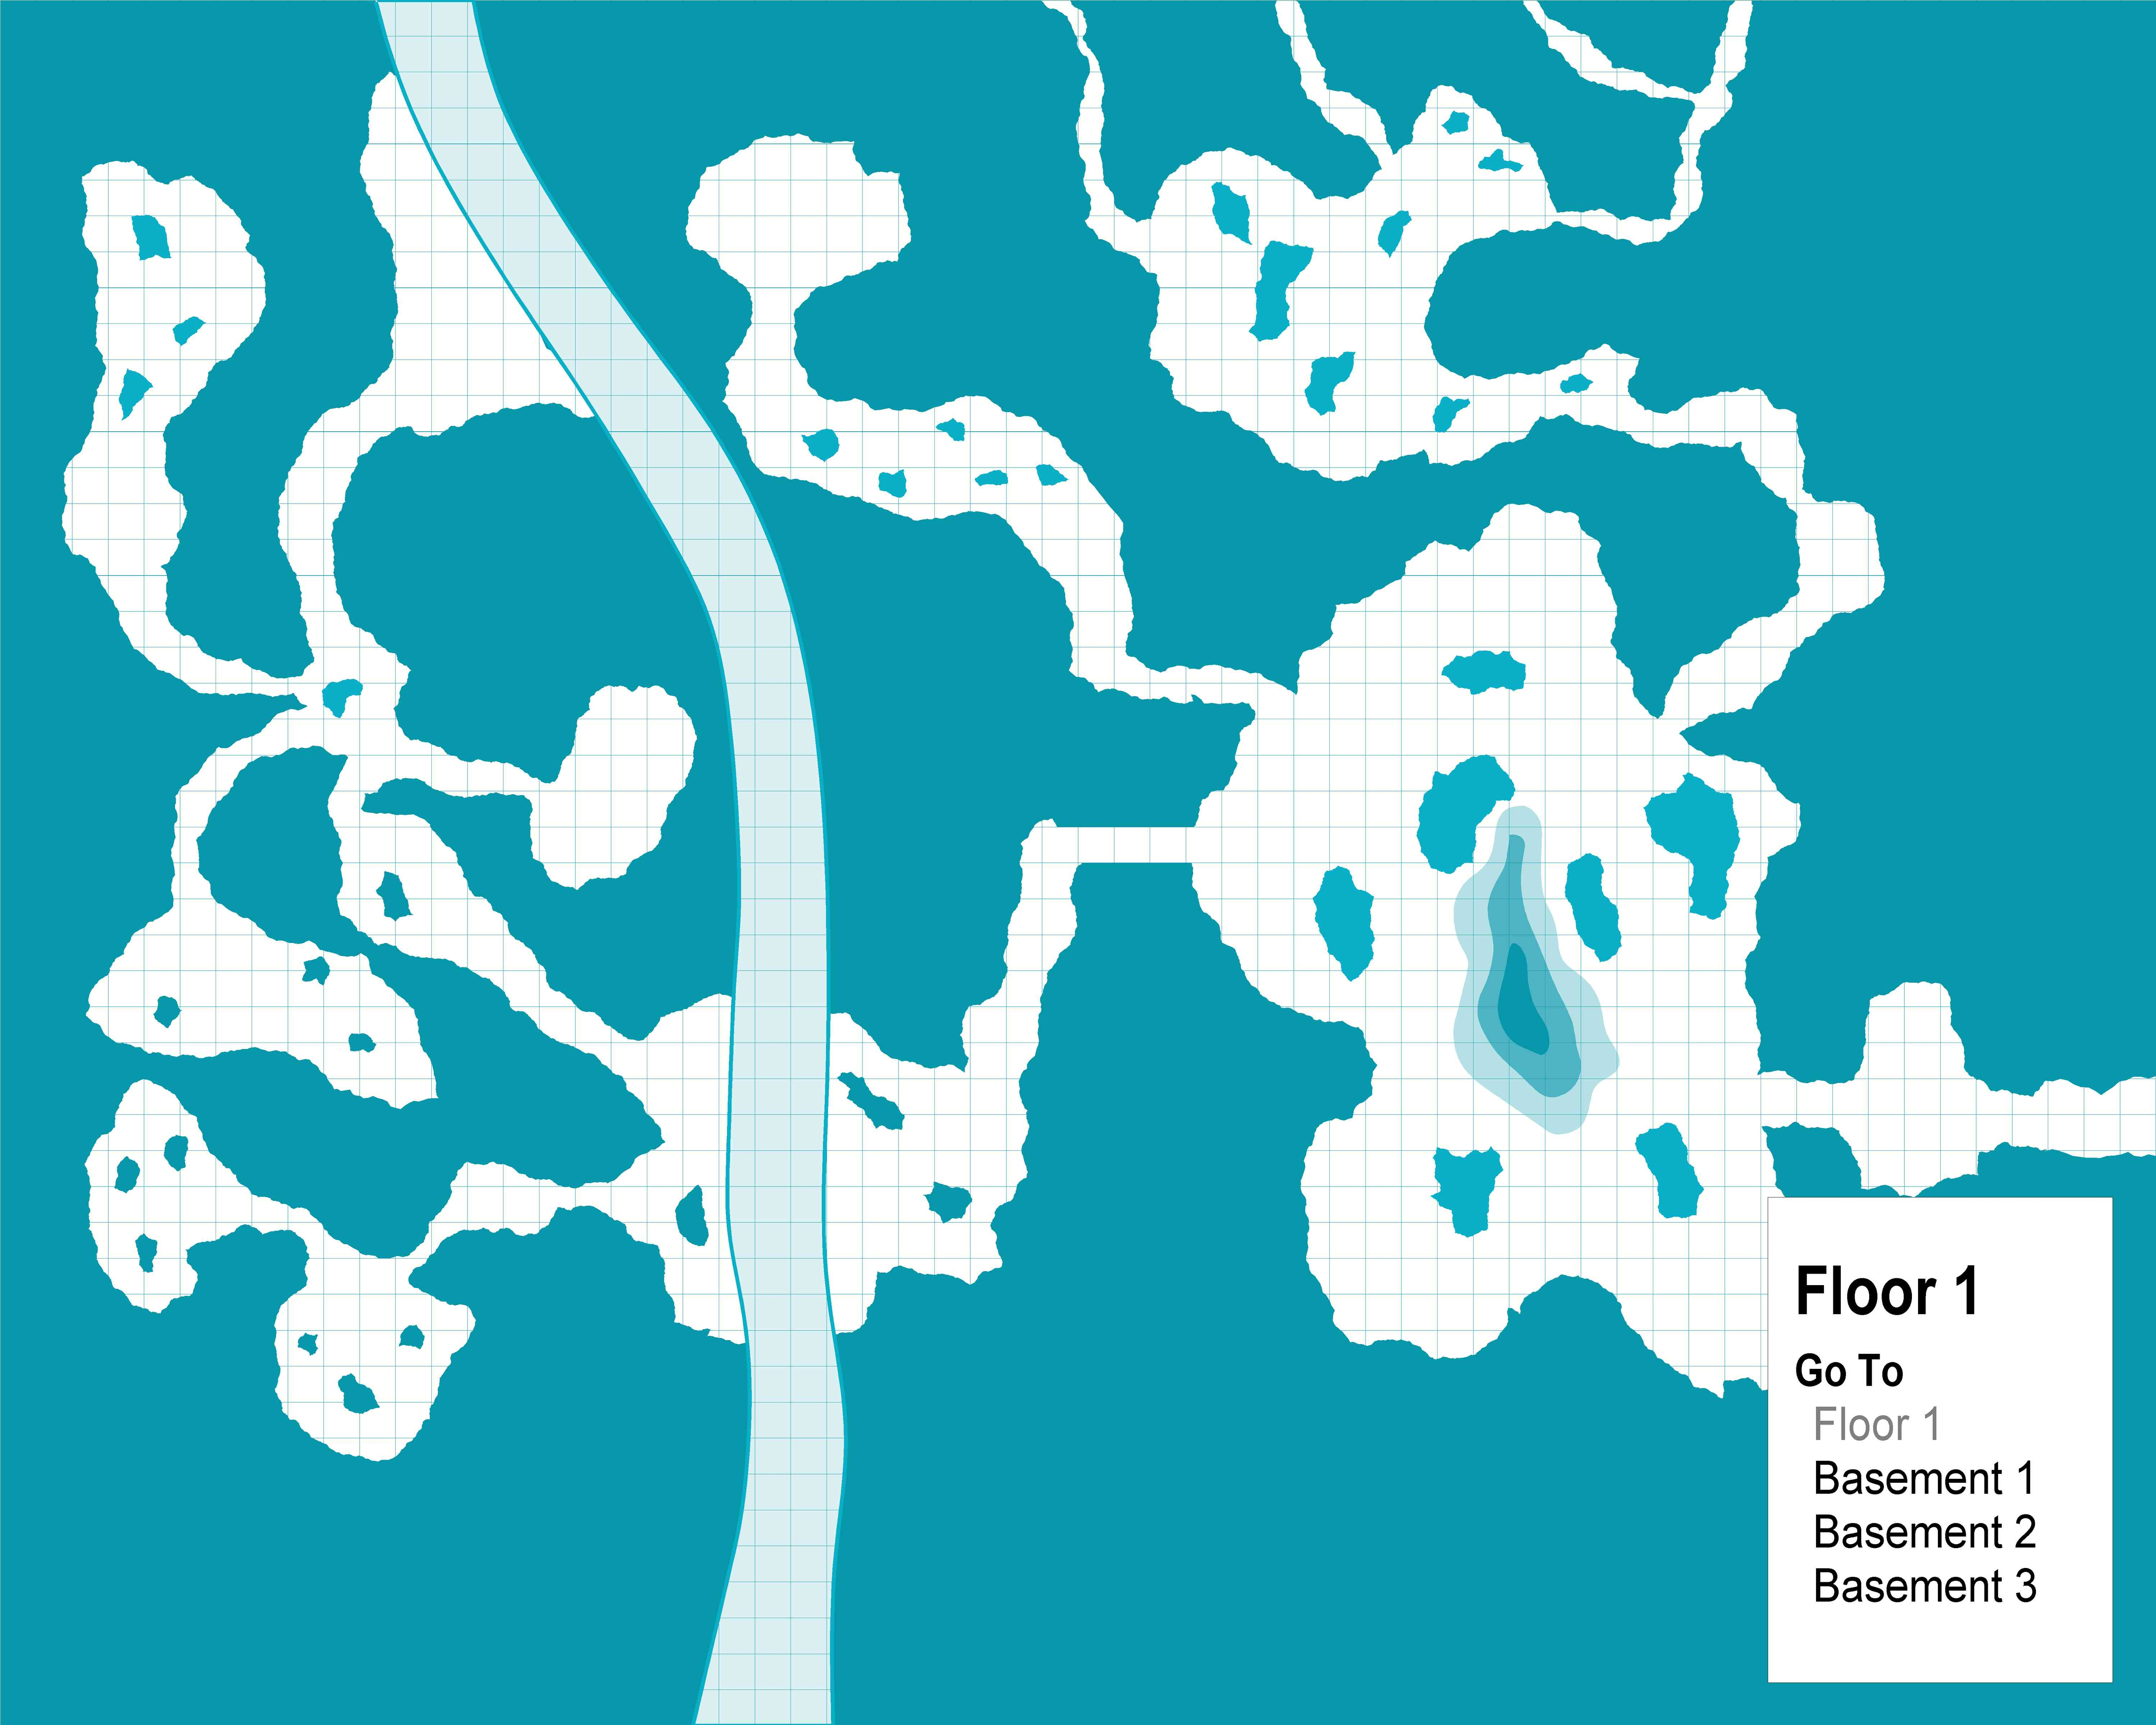 LVoTR_CAVES_Floor 1.JPG